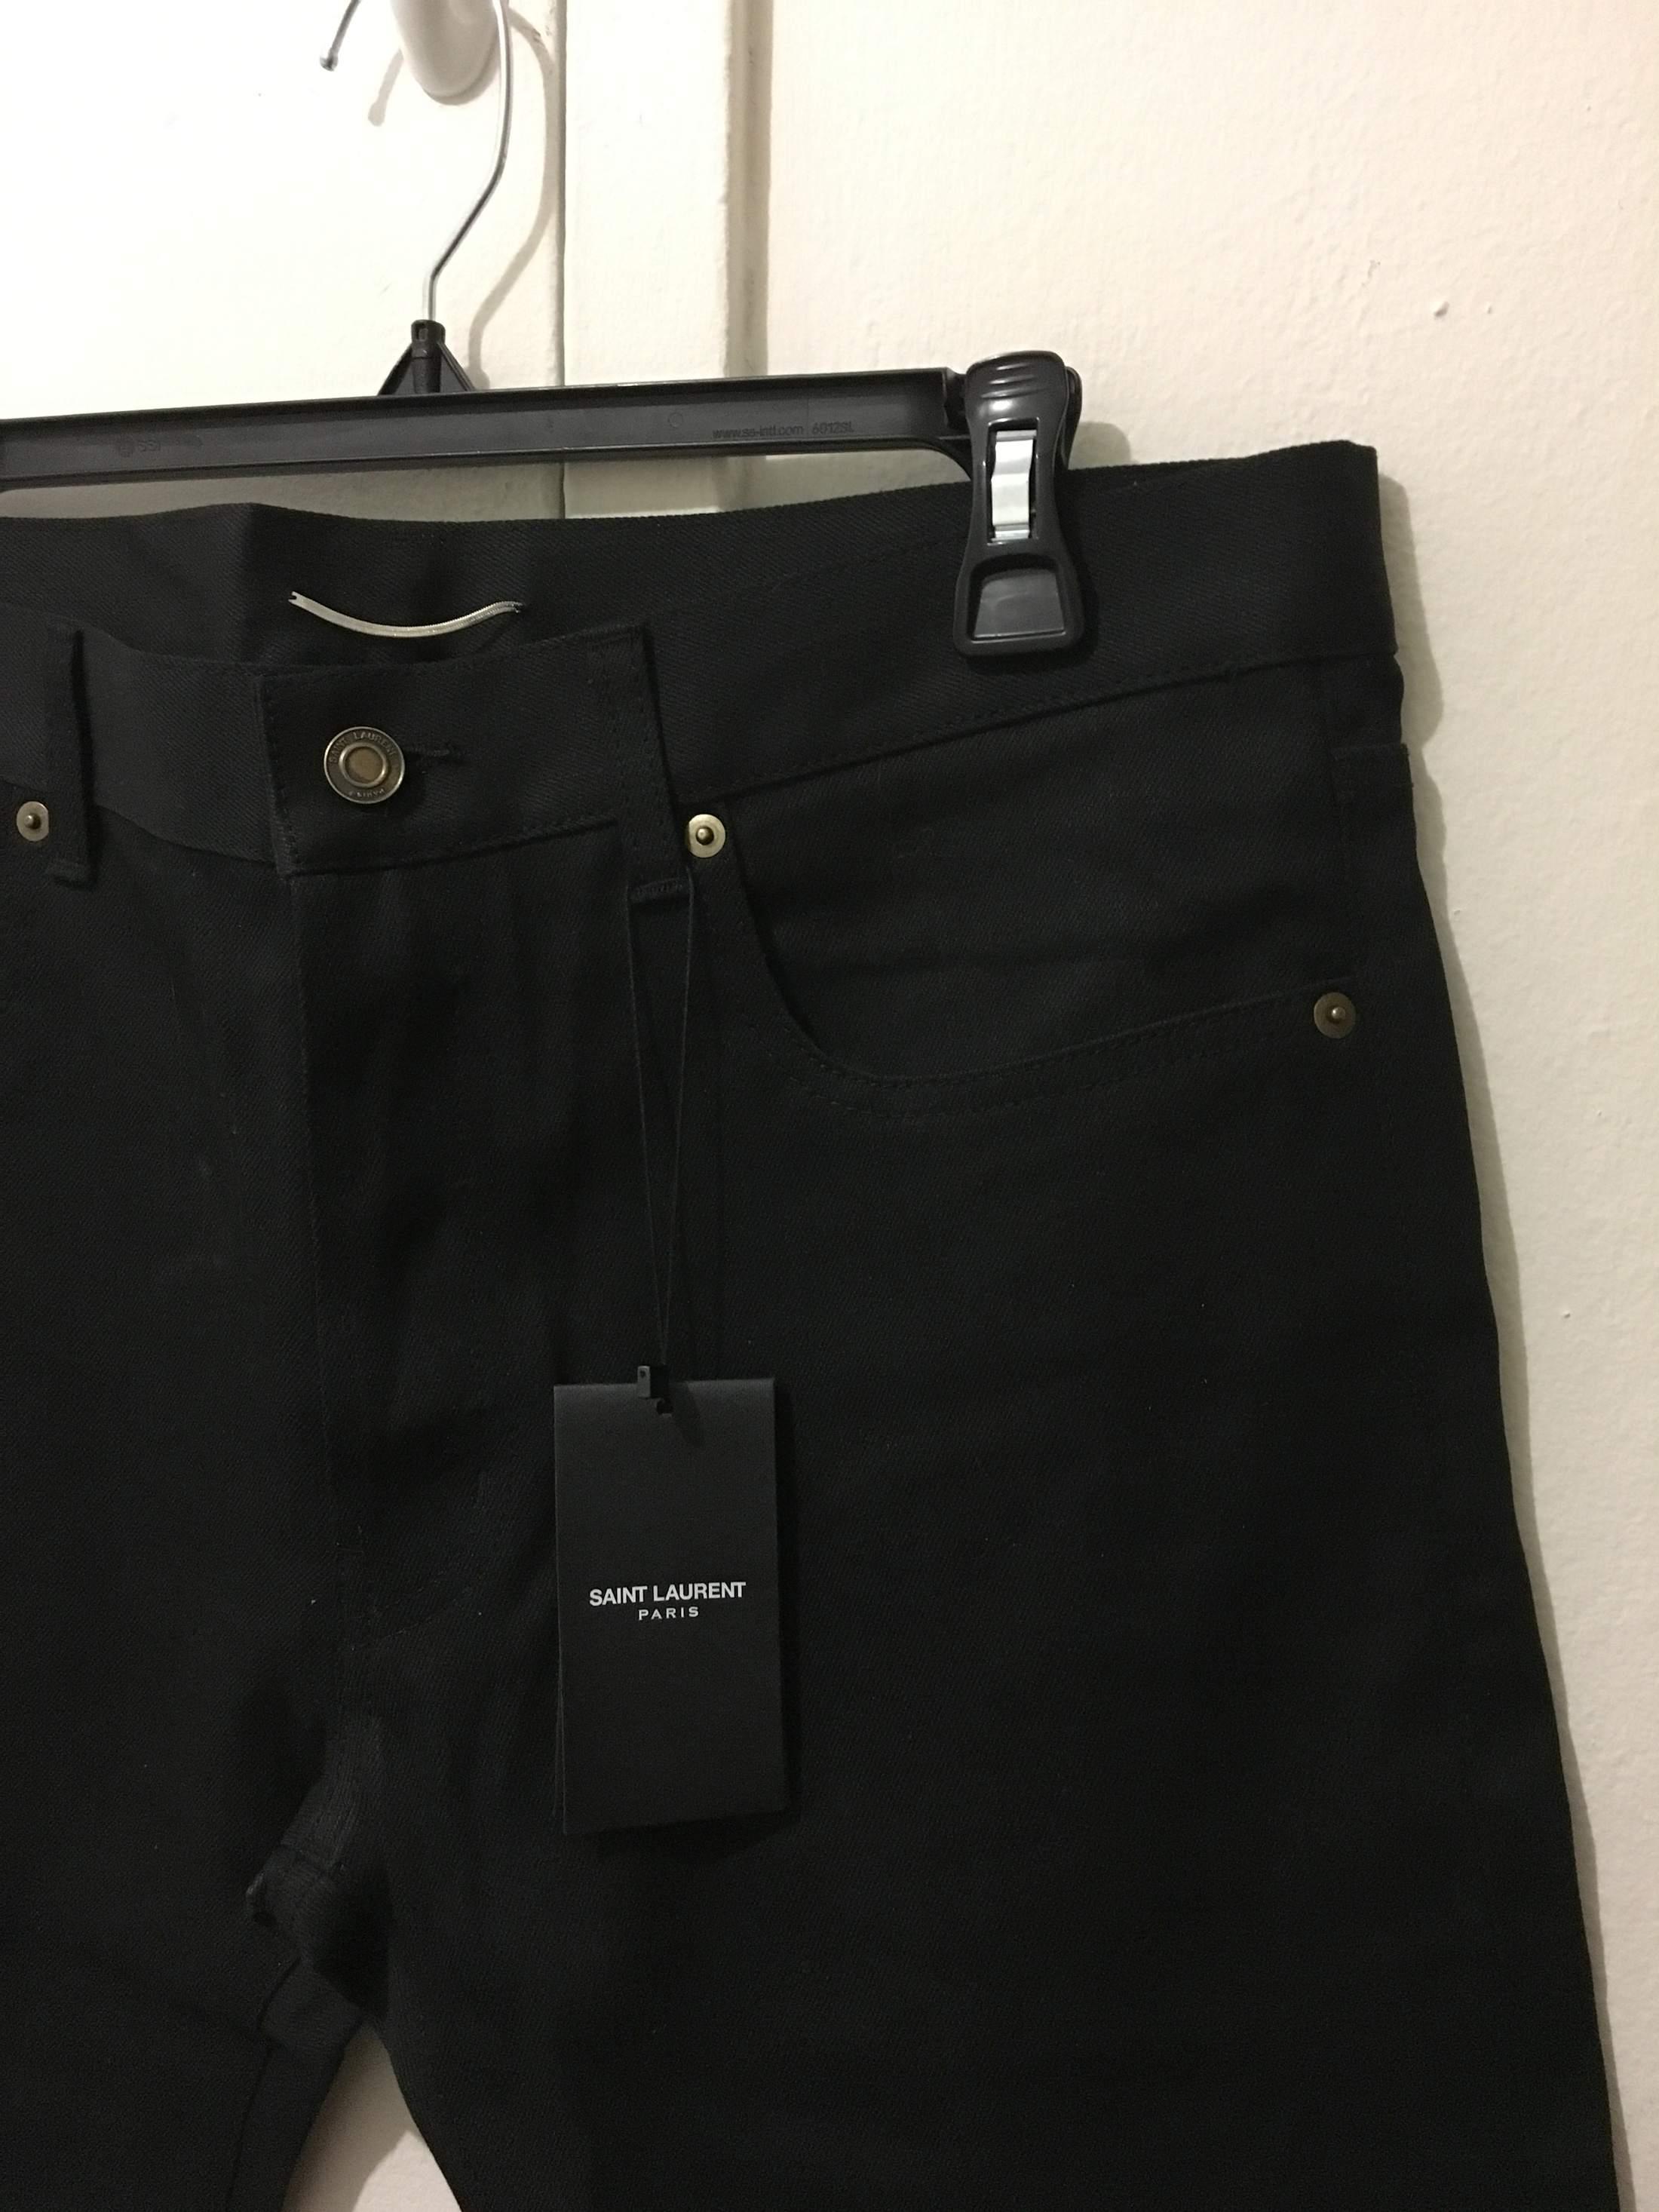 New Saint Laurent Paris 2013 Black Jeans